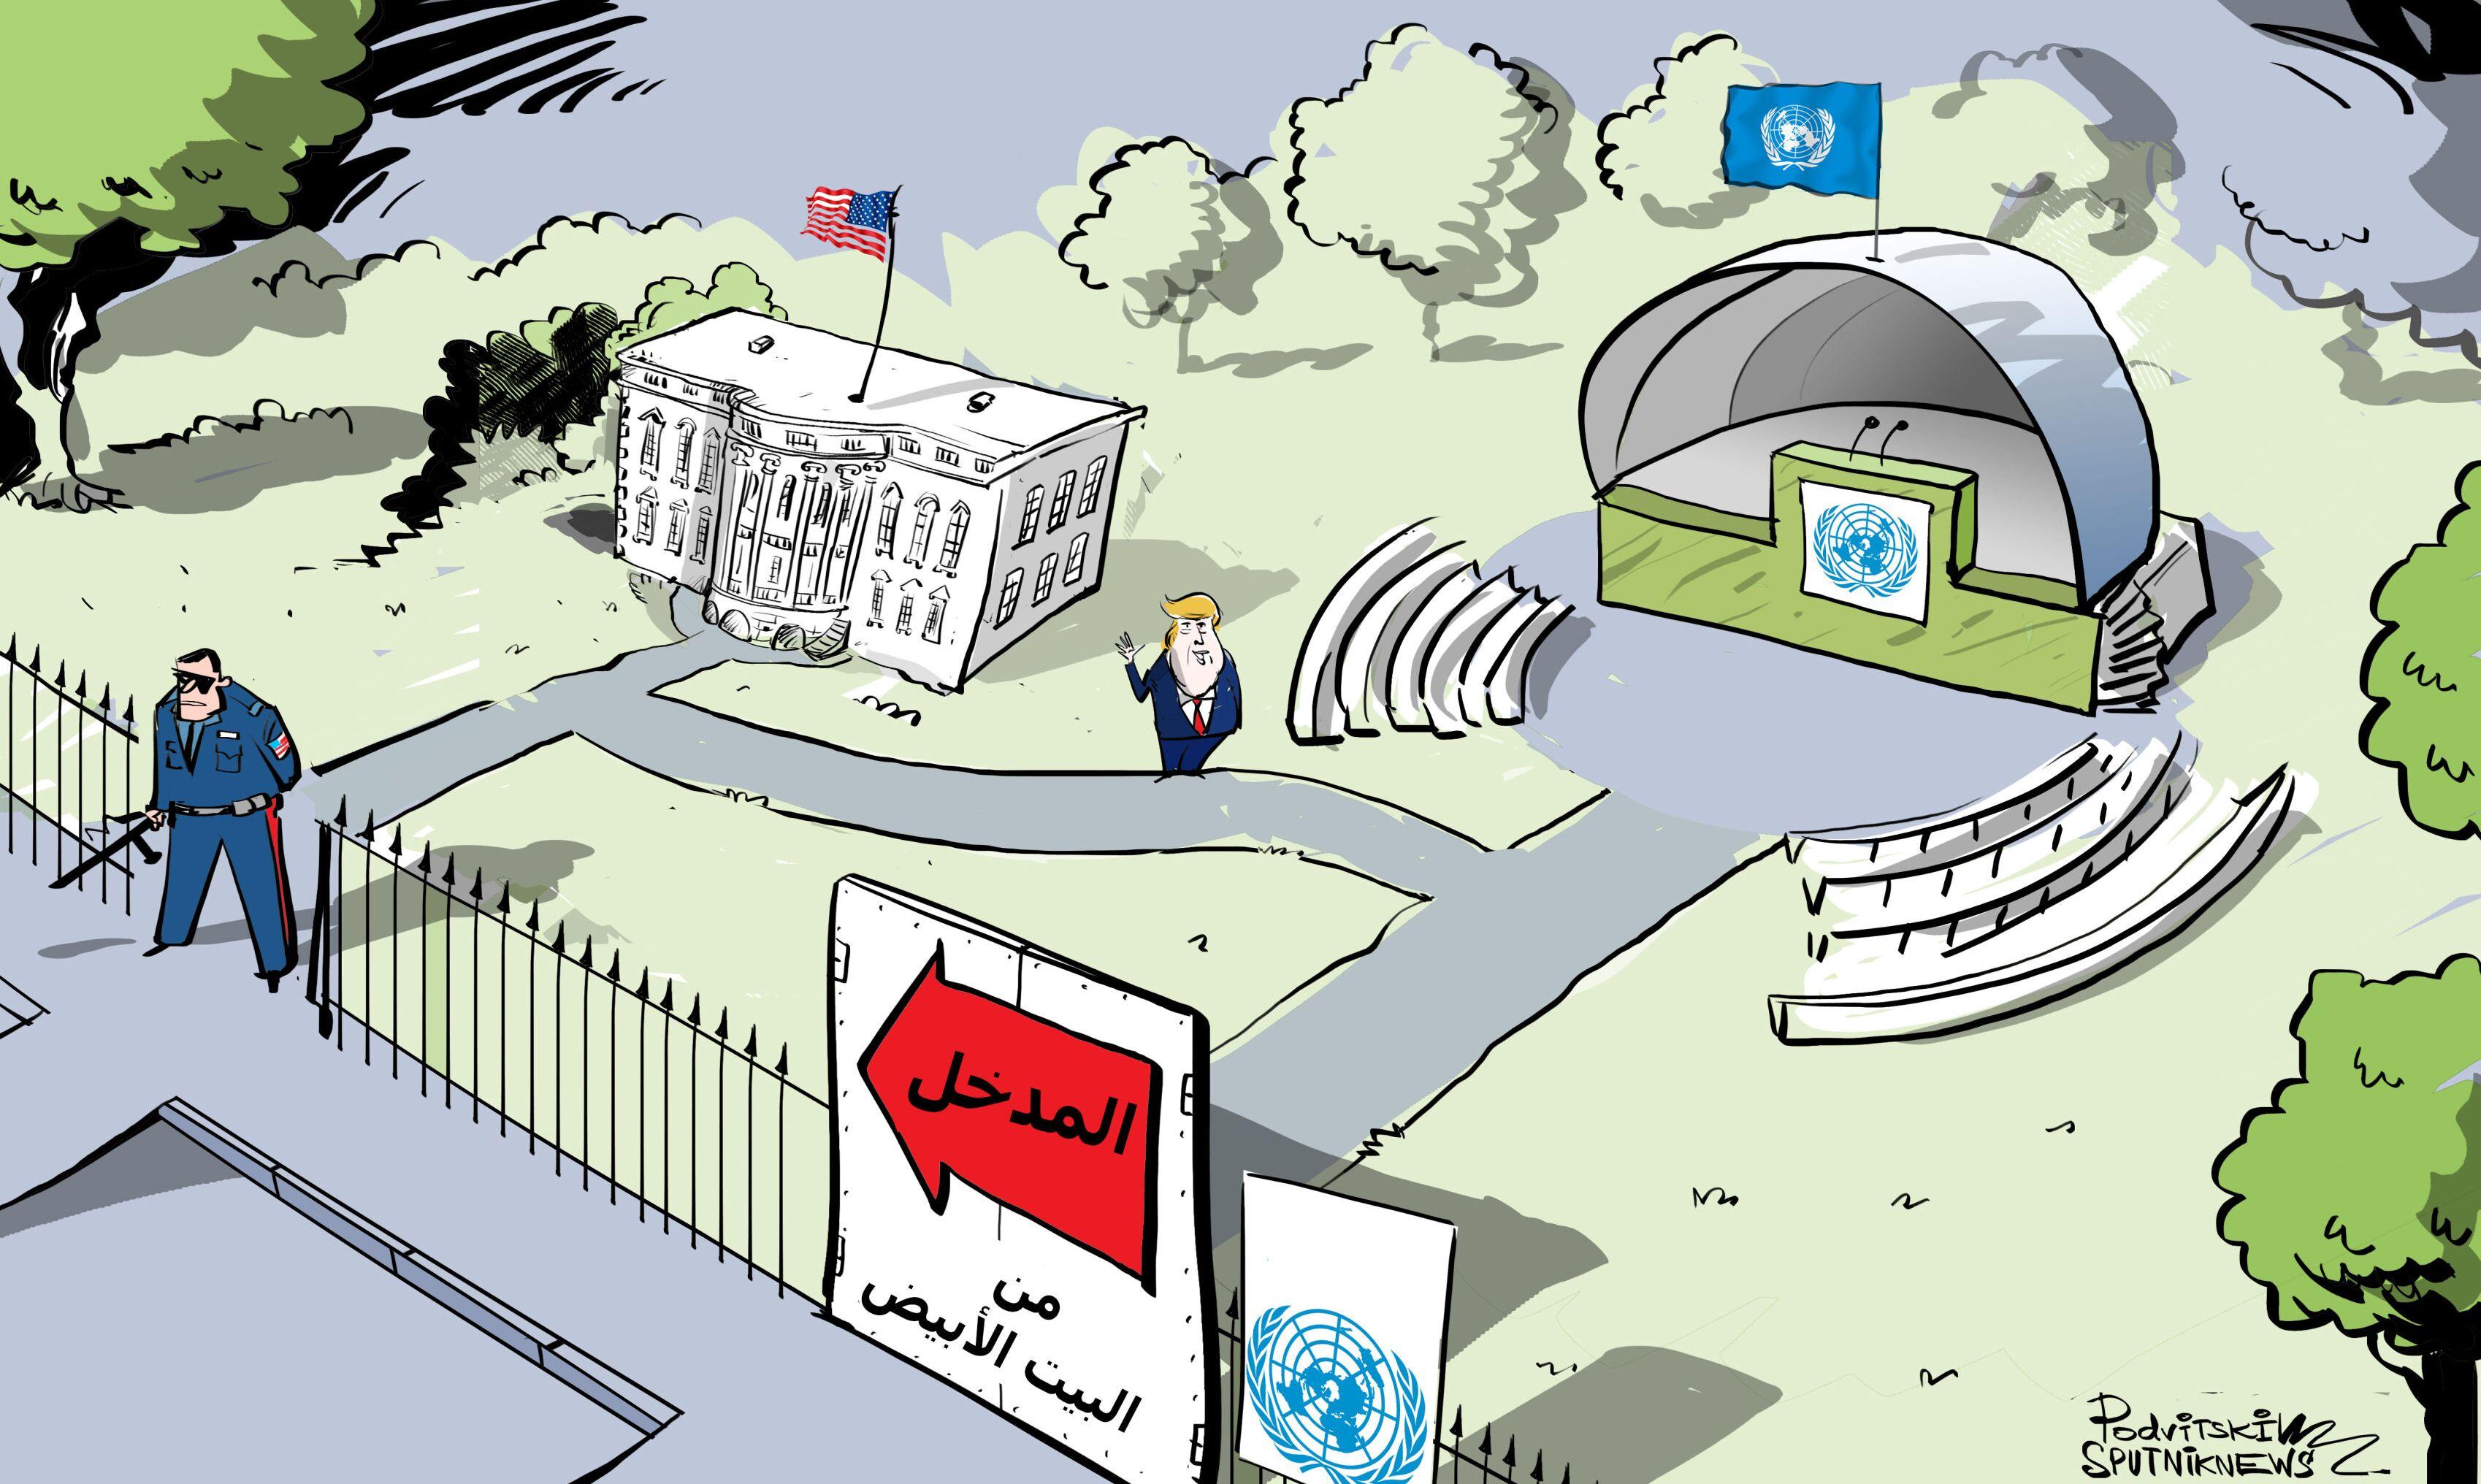 أمريكا لم تصدر تأشيرات للروس للمشاركة في الجمعية العامة للأمم المتحدة